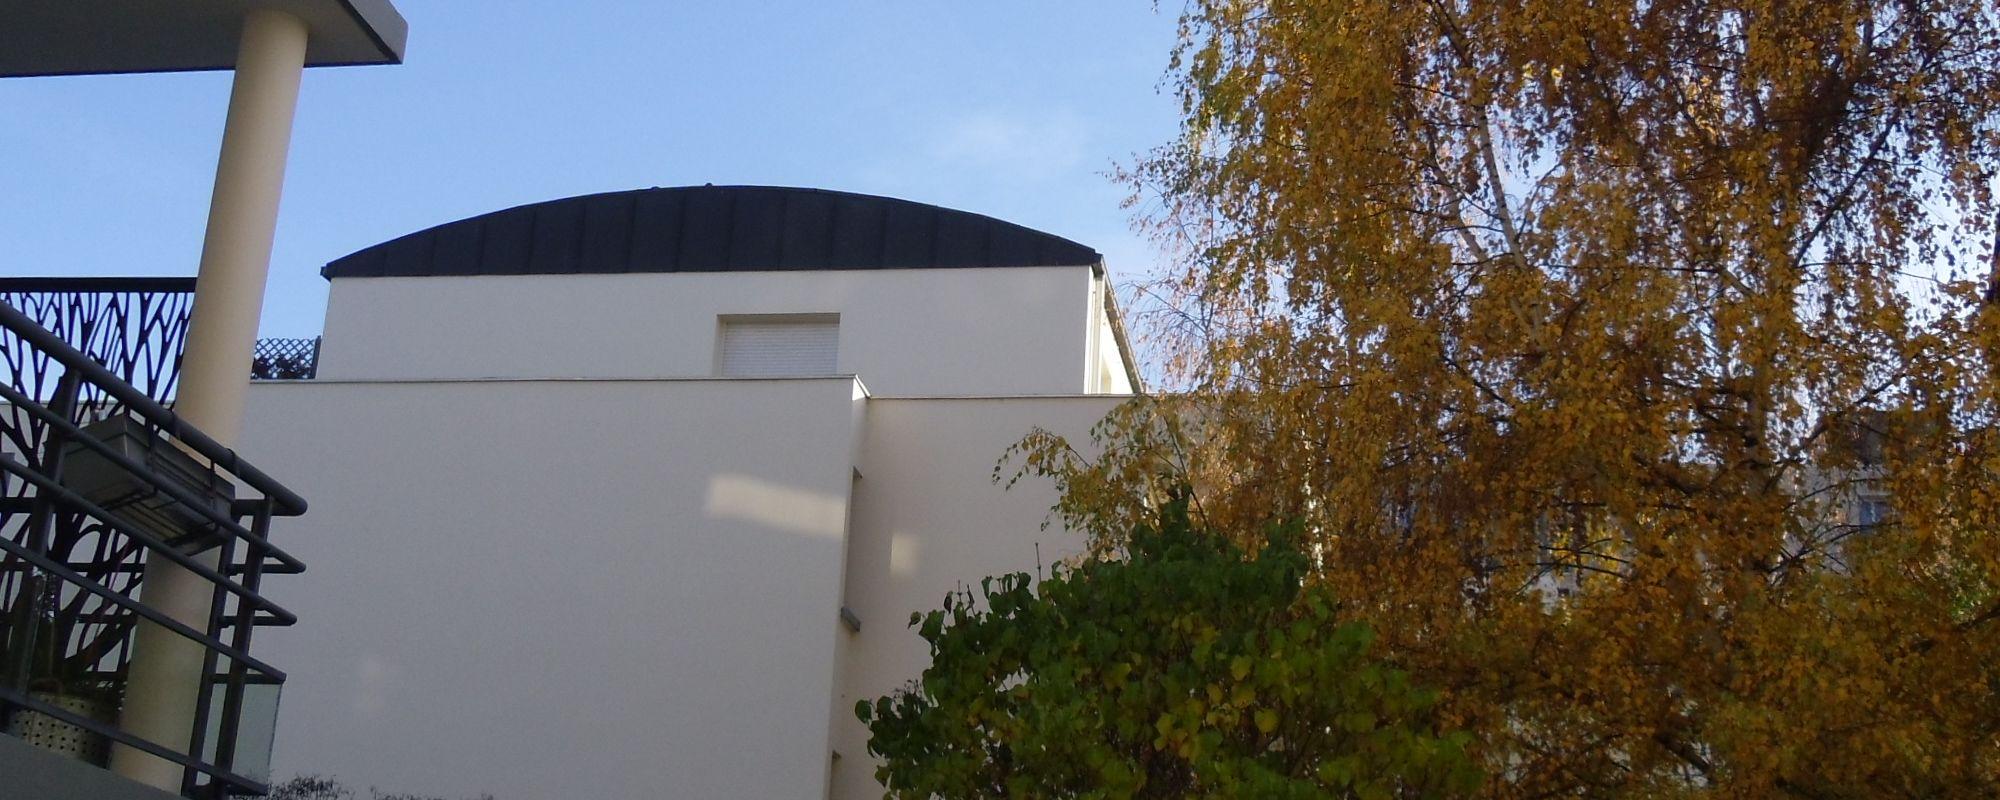 Appartement 3 pièces -avec parking s/sol- Balcon et cave – Secteur VELPEAU